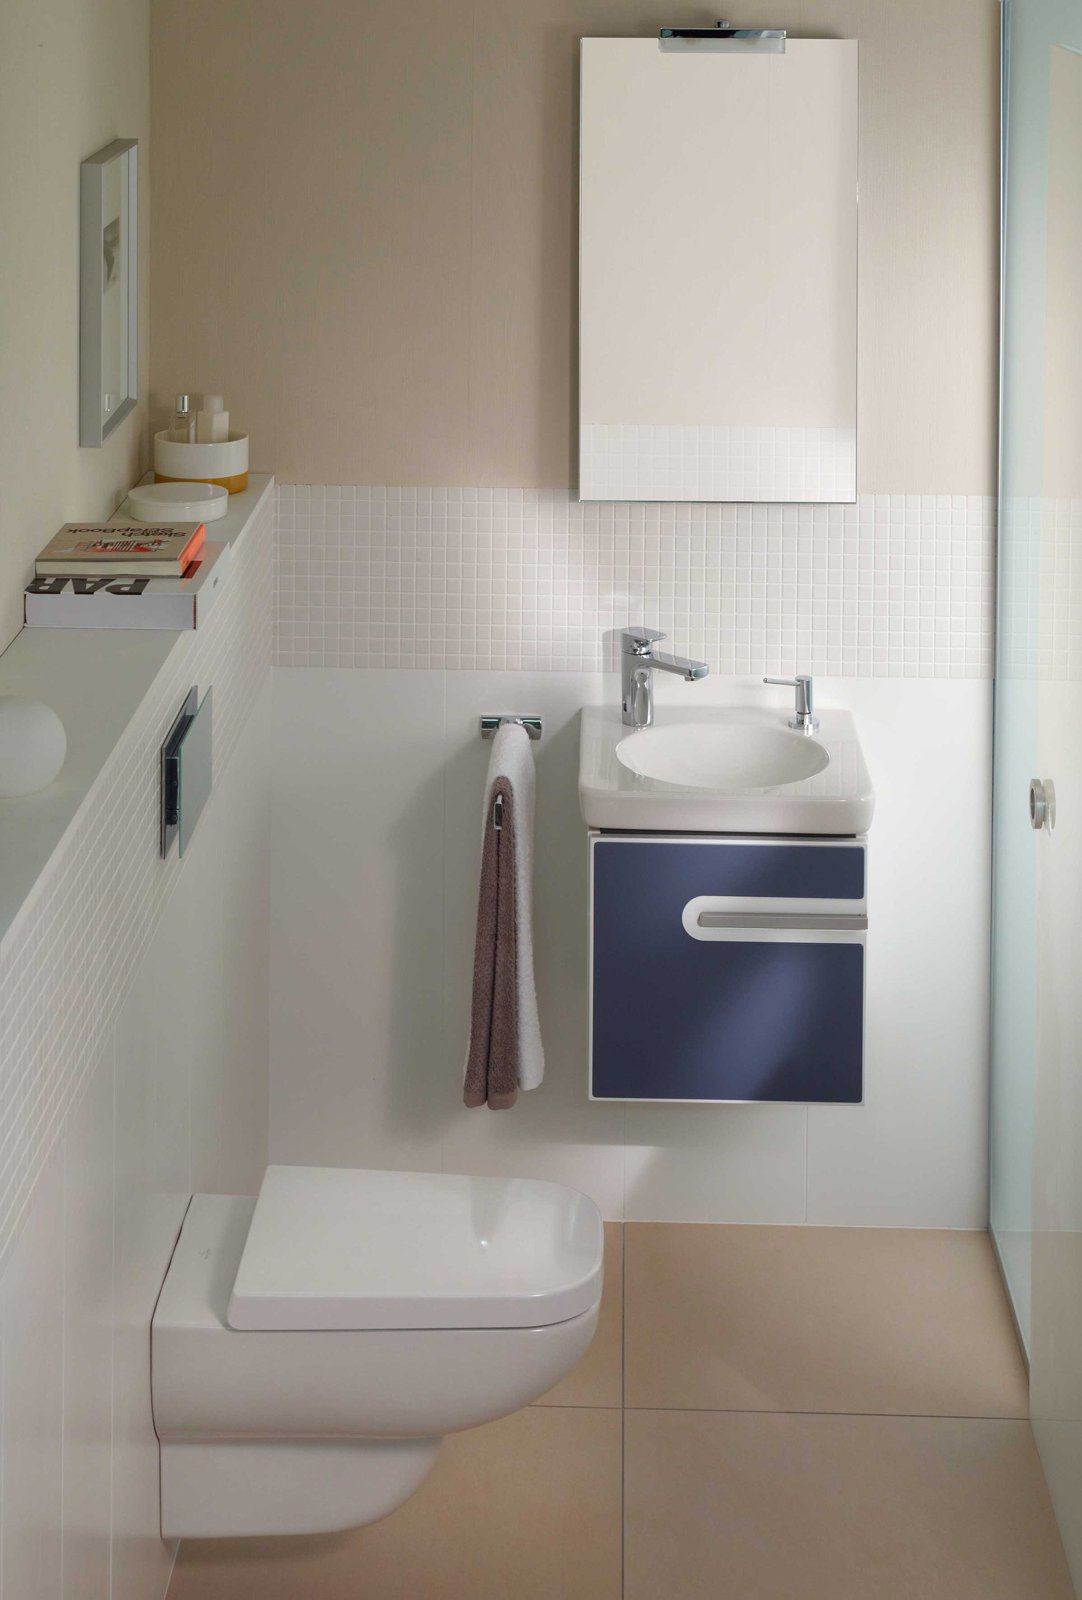 Bagno piccolo arredo componibile e salvaspazio cose di casa - Modelli di bagno ...